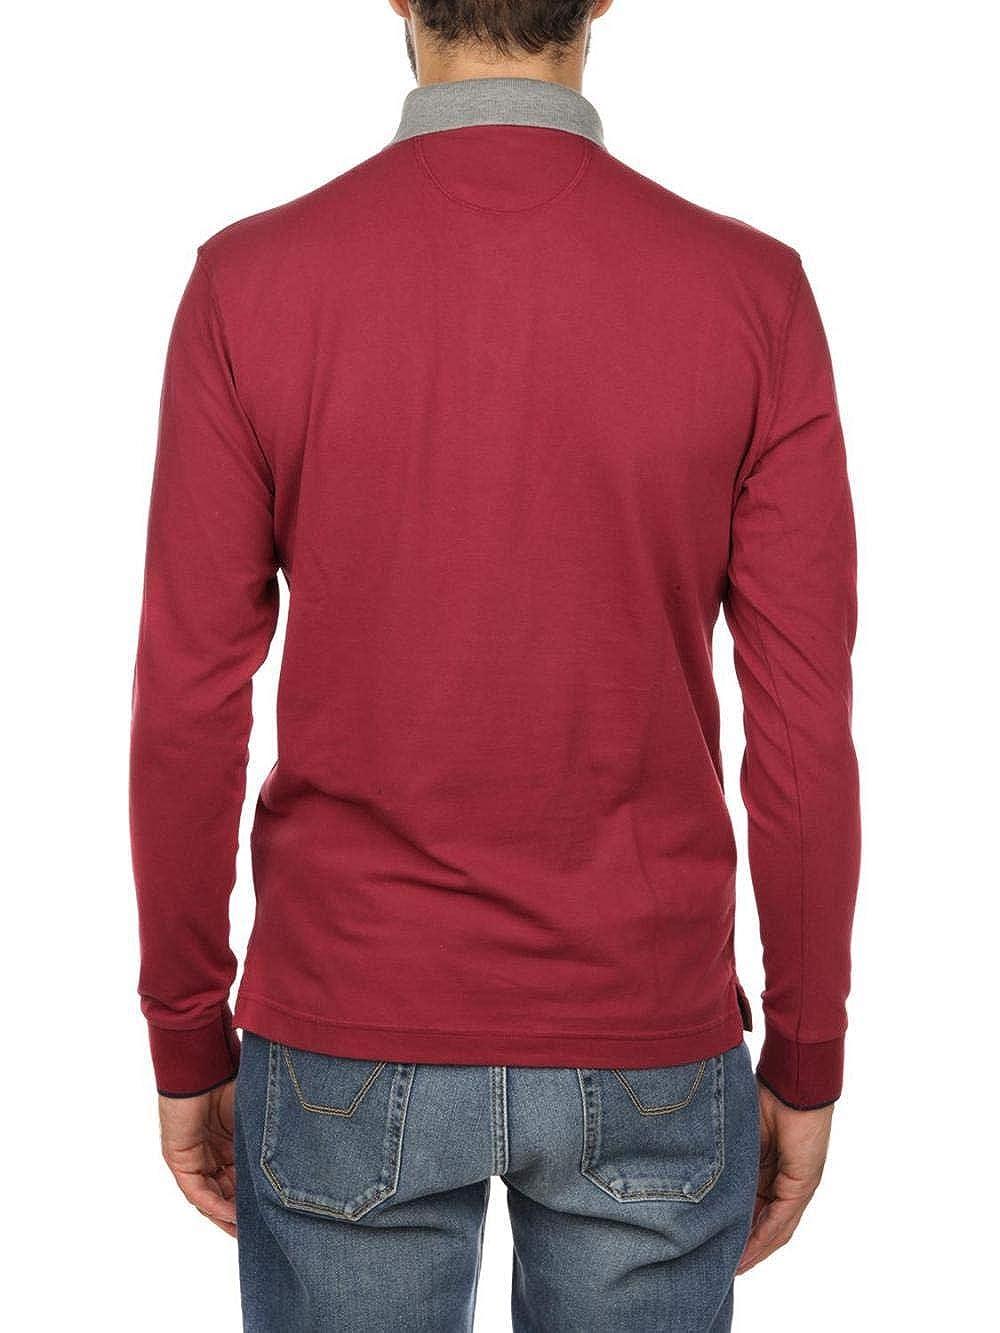 La Martina Hombres Dominick Polo Camiseta de de Camiseta Manga Larga Rojo Oscuro 7724bf